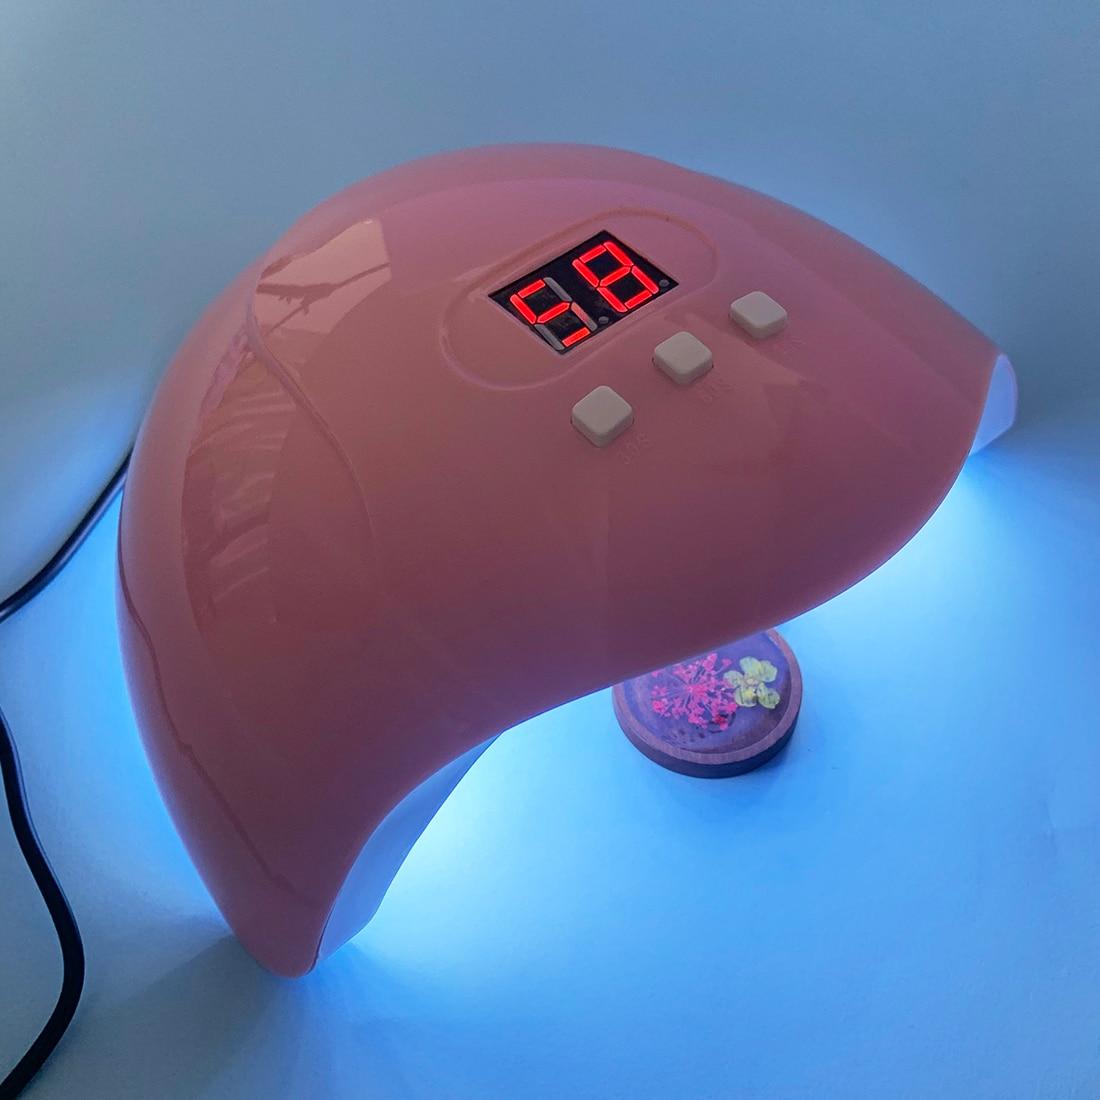 54 Вт УФ Смола бетонополивочная машина поделки смоляные ювелирных изделий инструмент Сушилка Гель 18 светодиодный свет лак для ногтей Инстру...